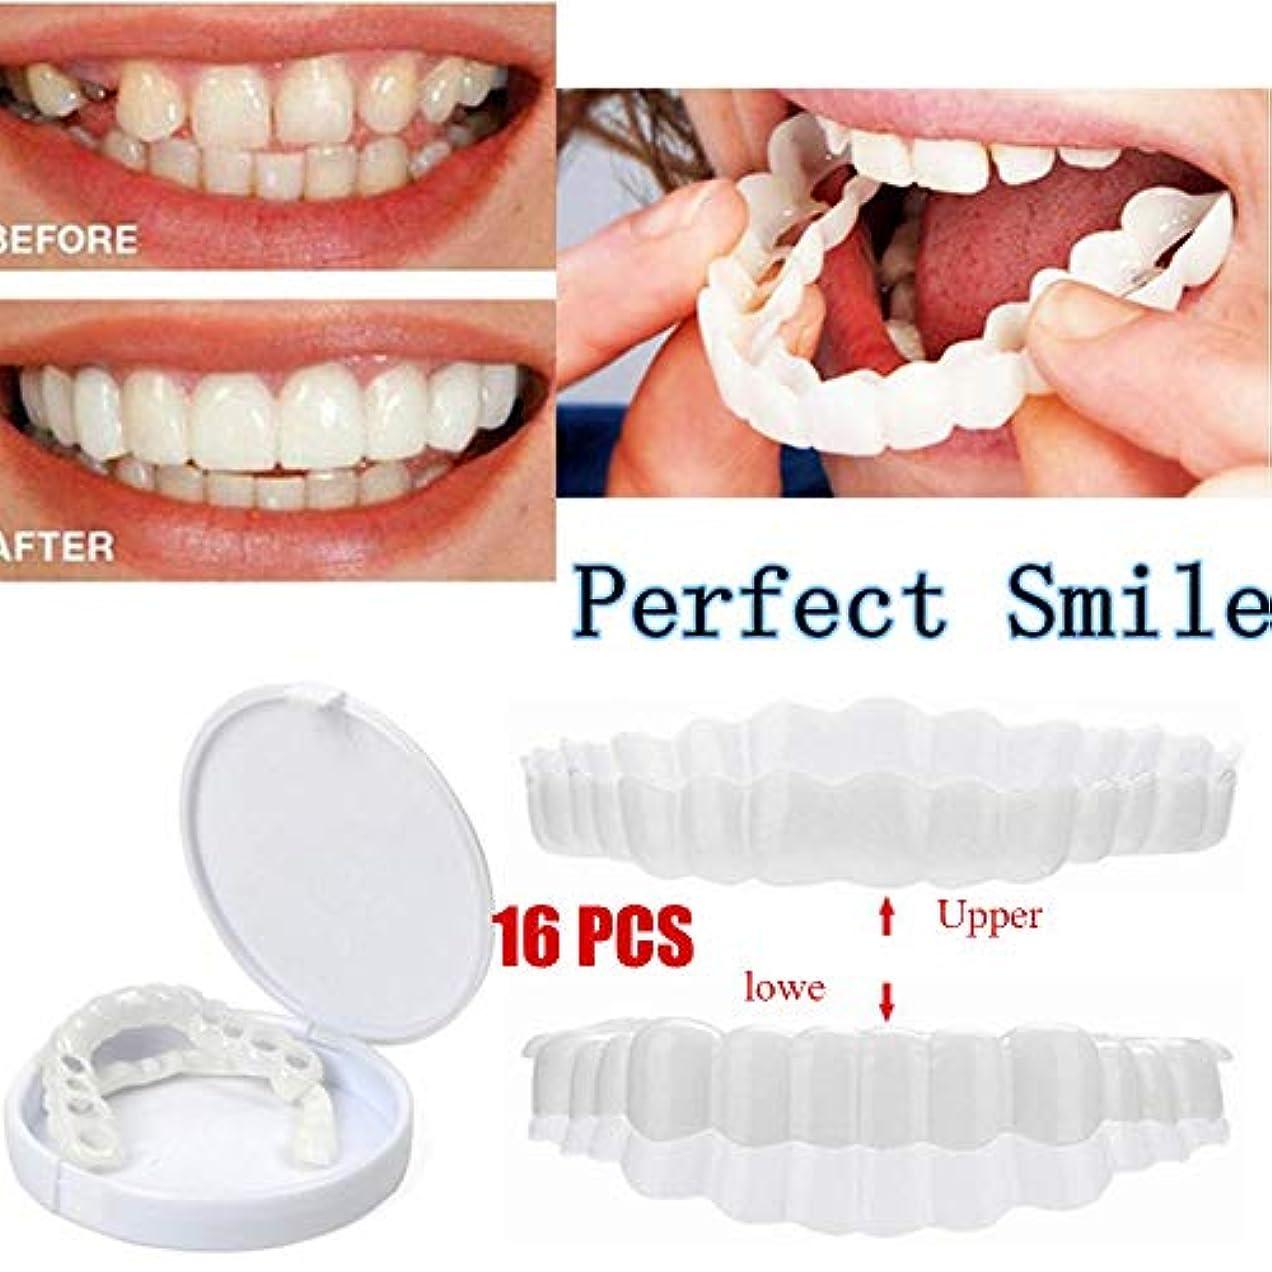 ミキサー納税者リファイン義歯のスマイルホワイトニングと弾性ケアに最適な、大人用の新しい上下の義歯16個の再使用可能なPCS(上部+下部)